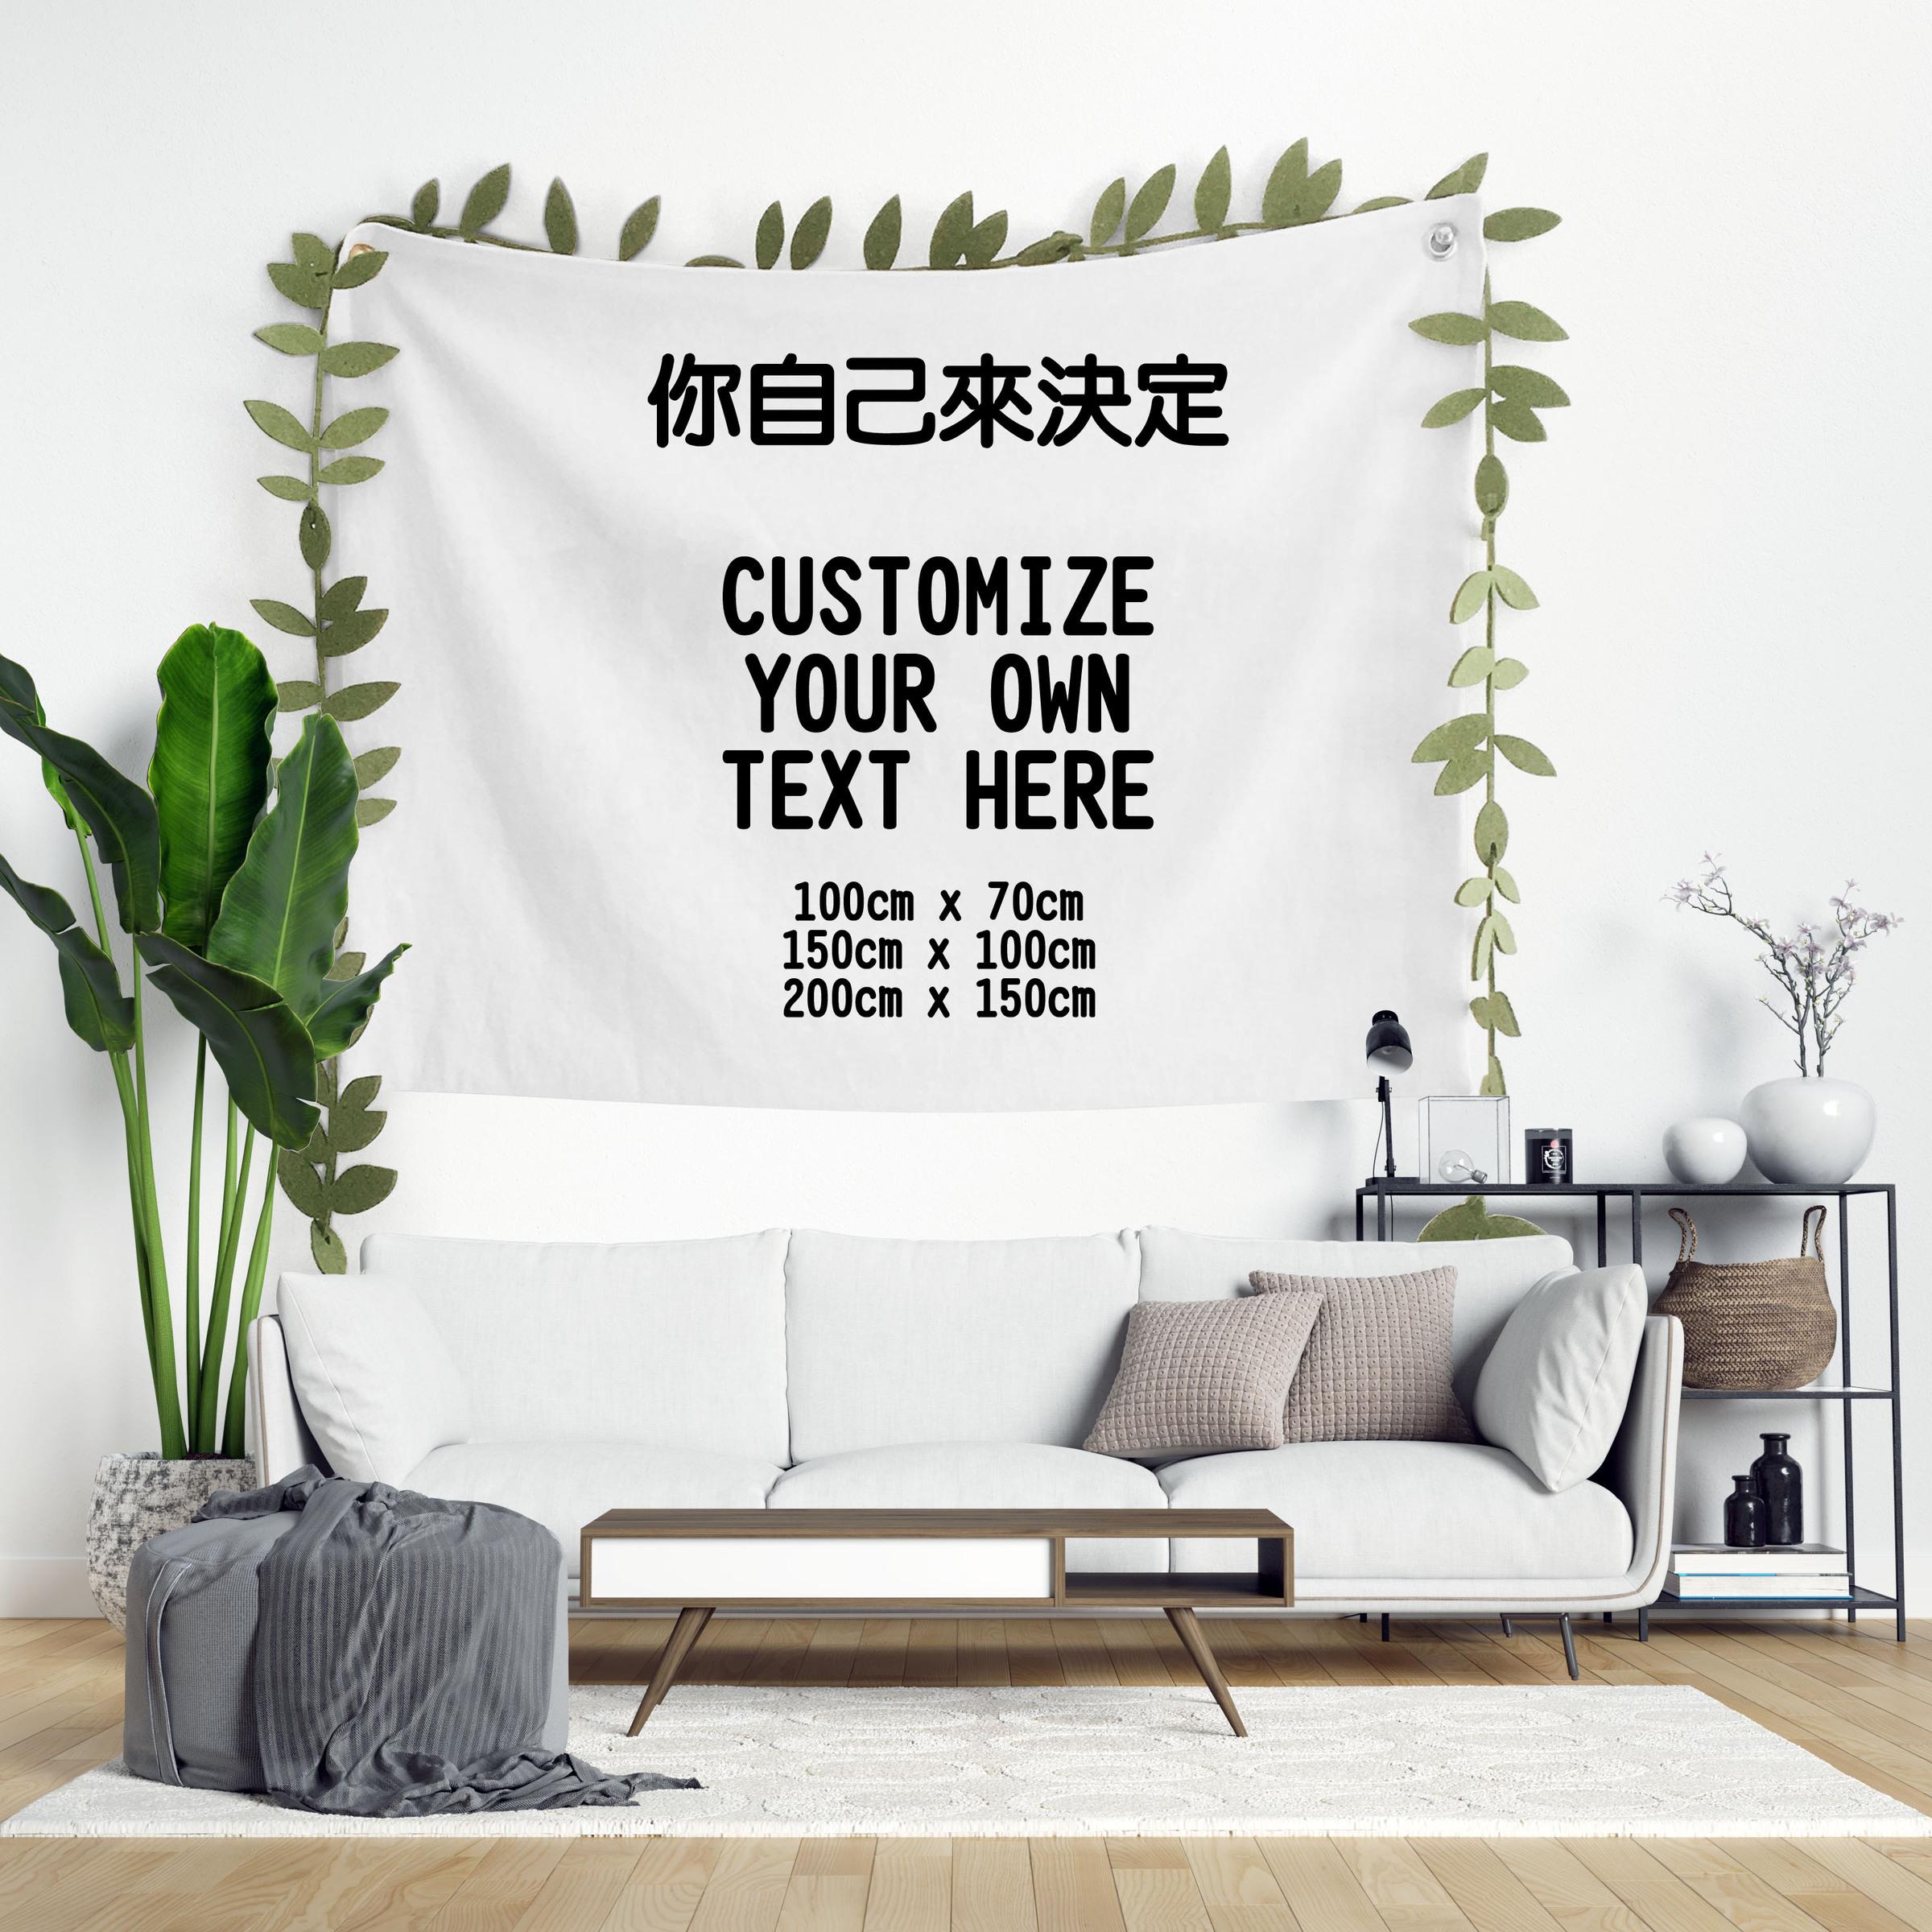 CustomizeBlank.jpg